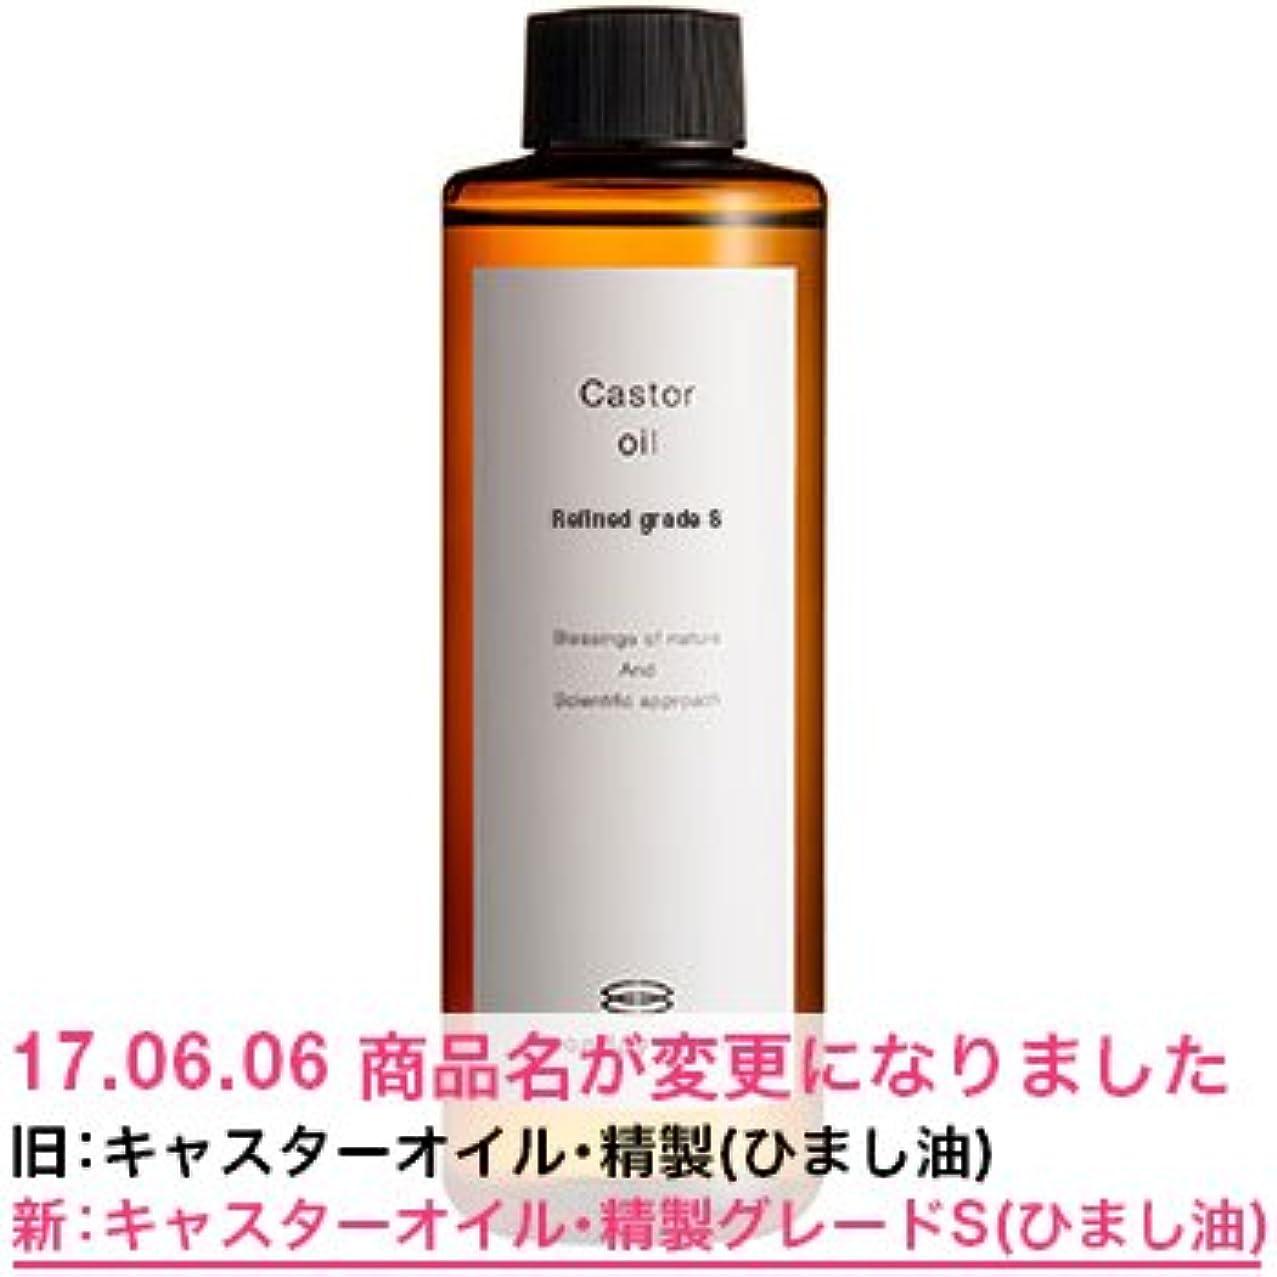 ペニージョグアプライアンスキャスターオイル?精製グレードS(ひまし油)/200ml